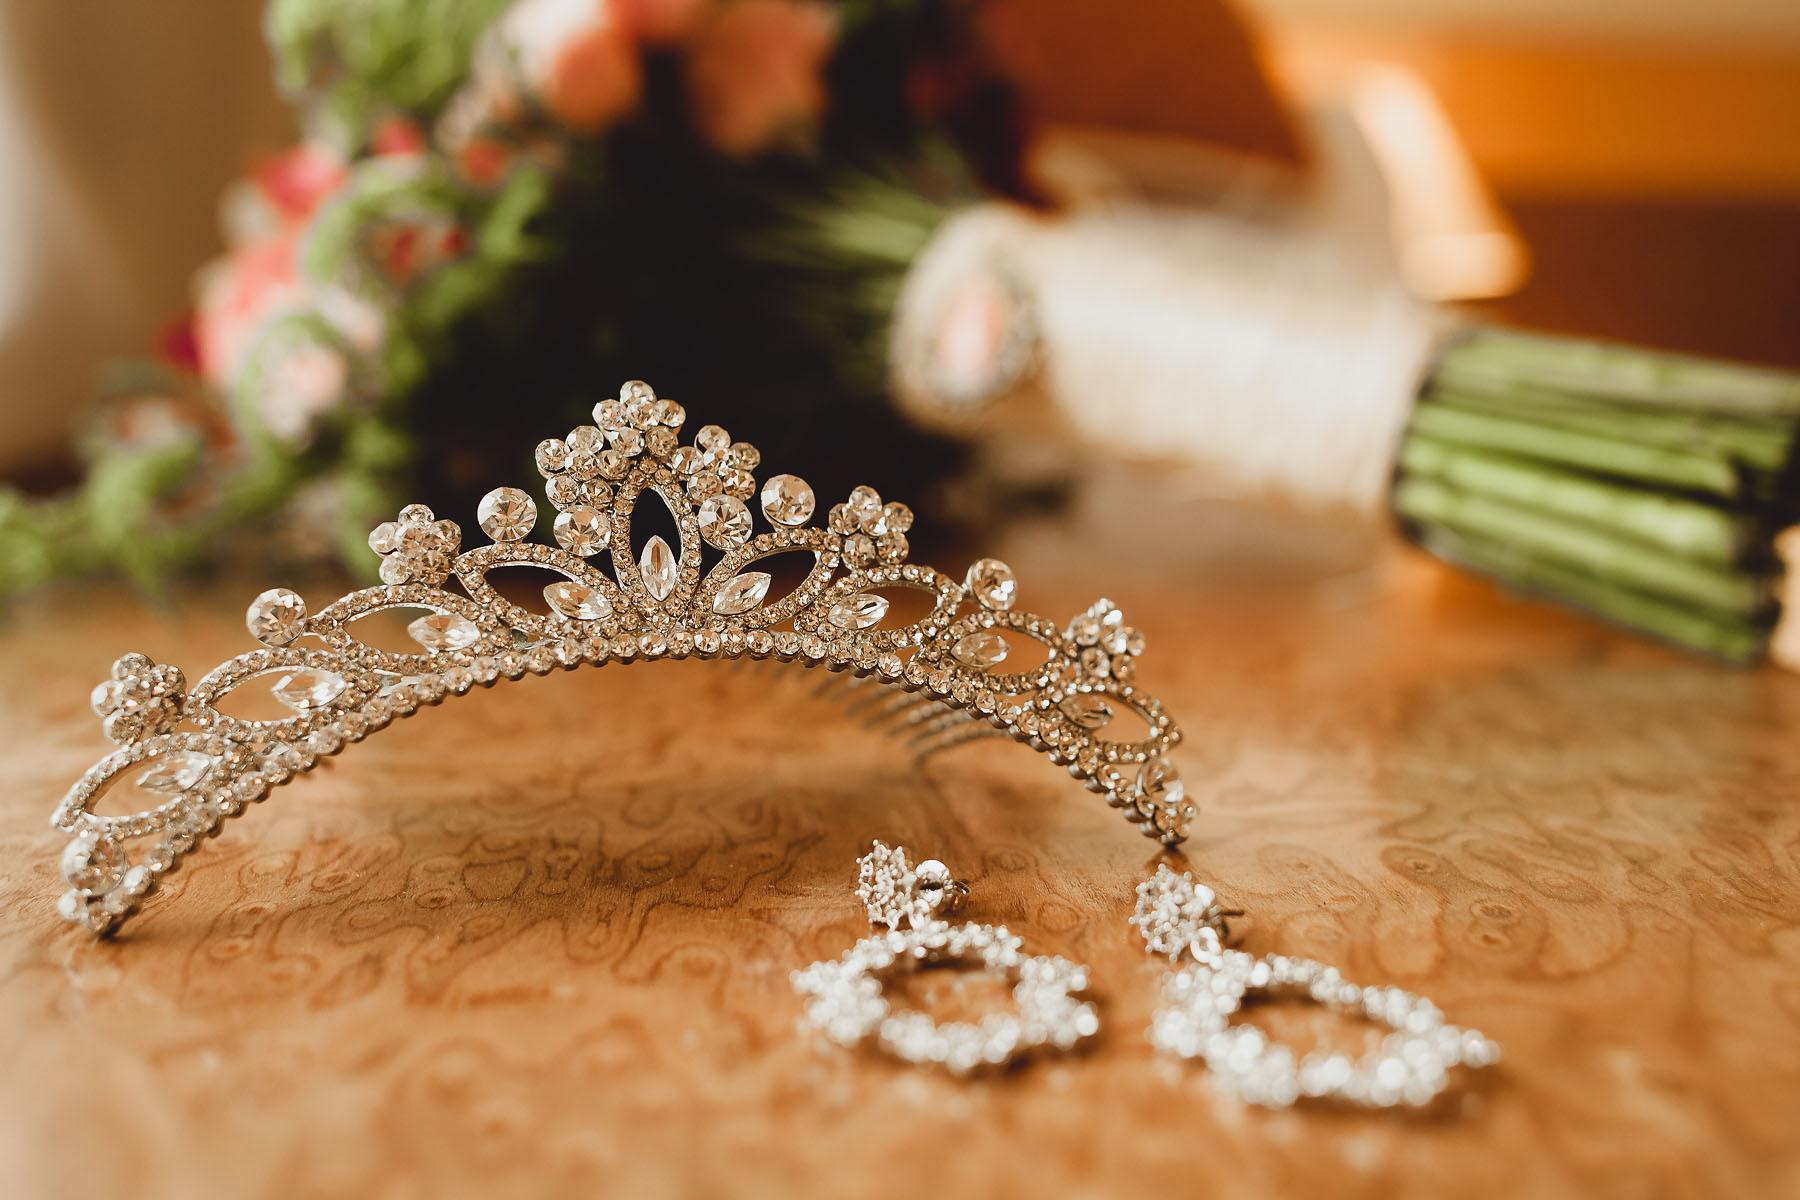 acessorios noiva coroa brincos prata brilho strass